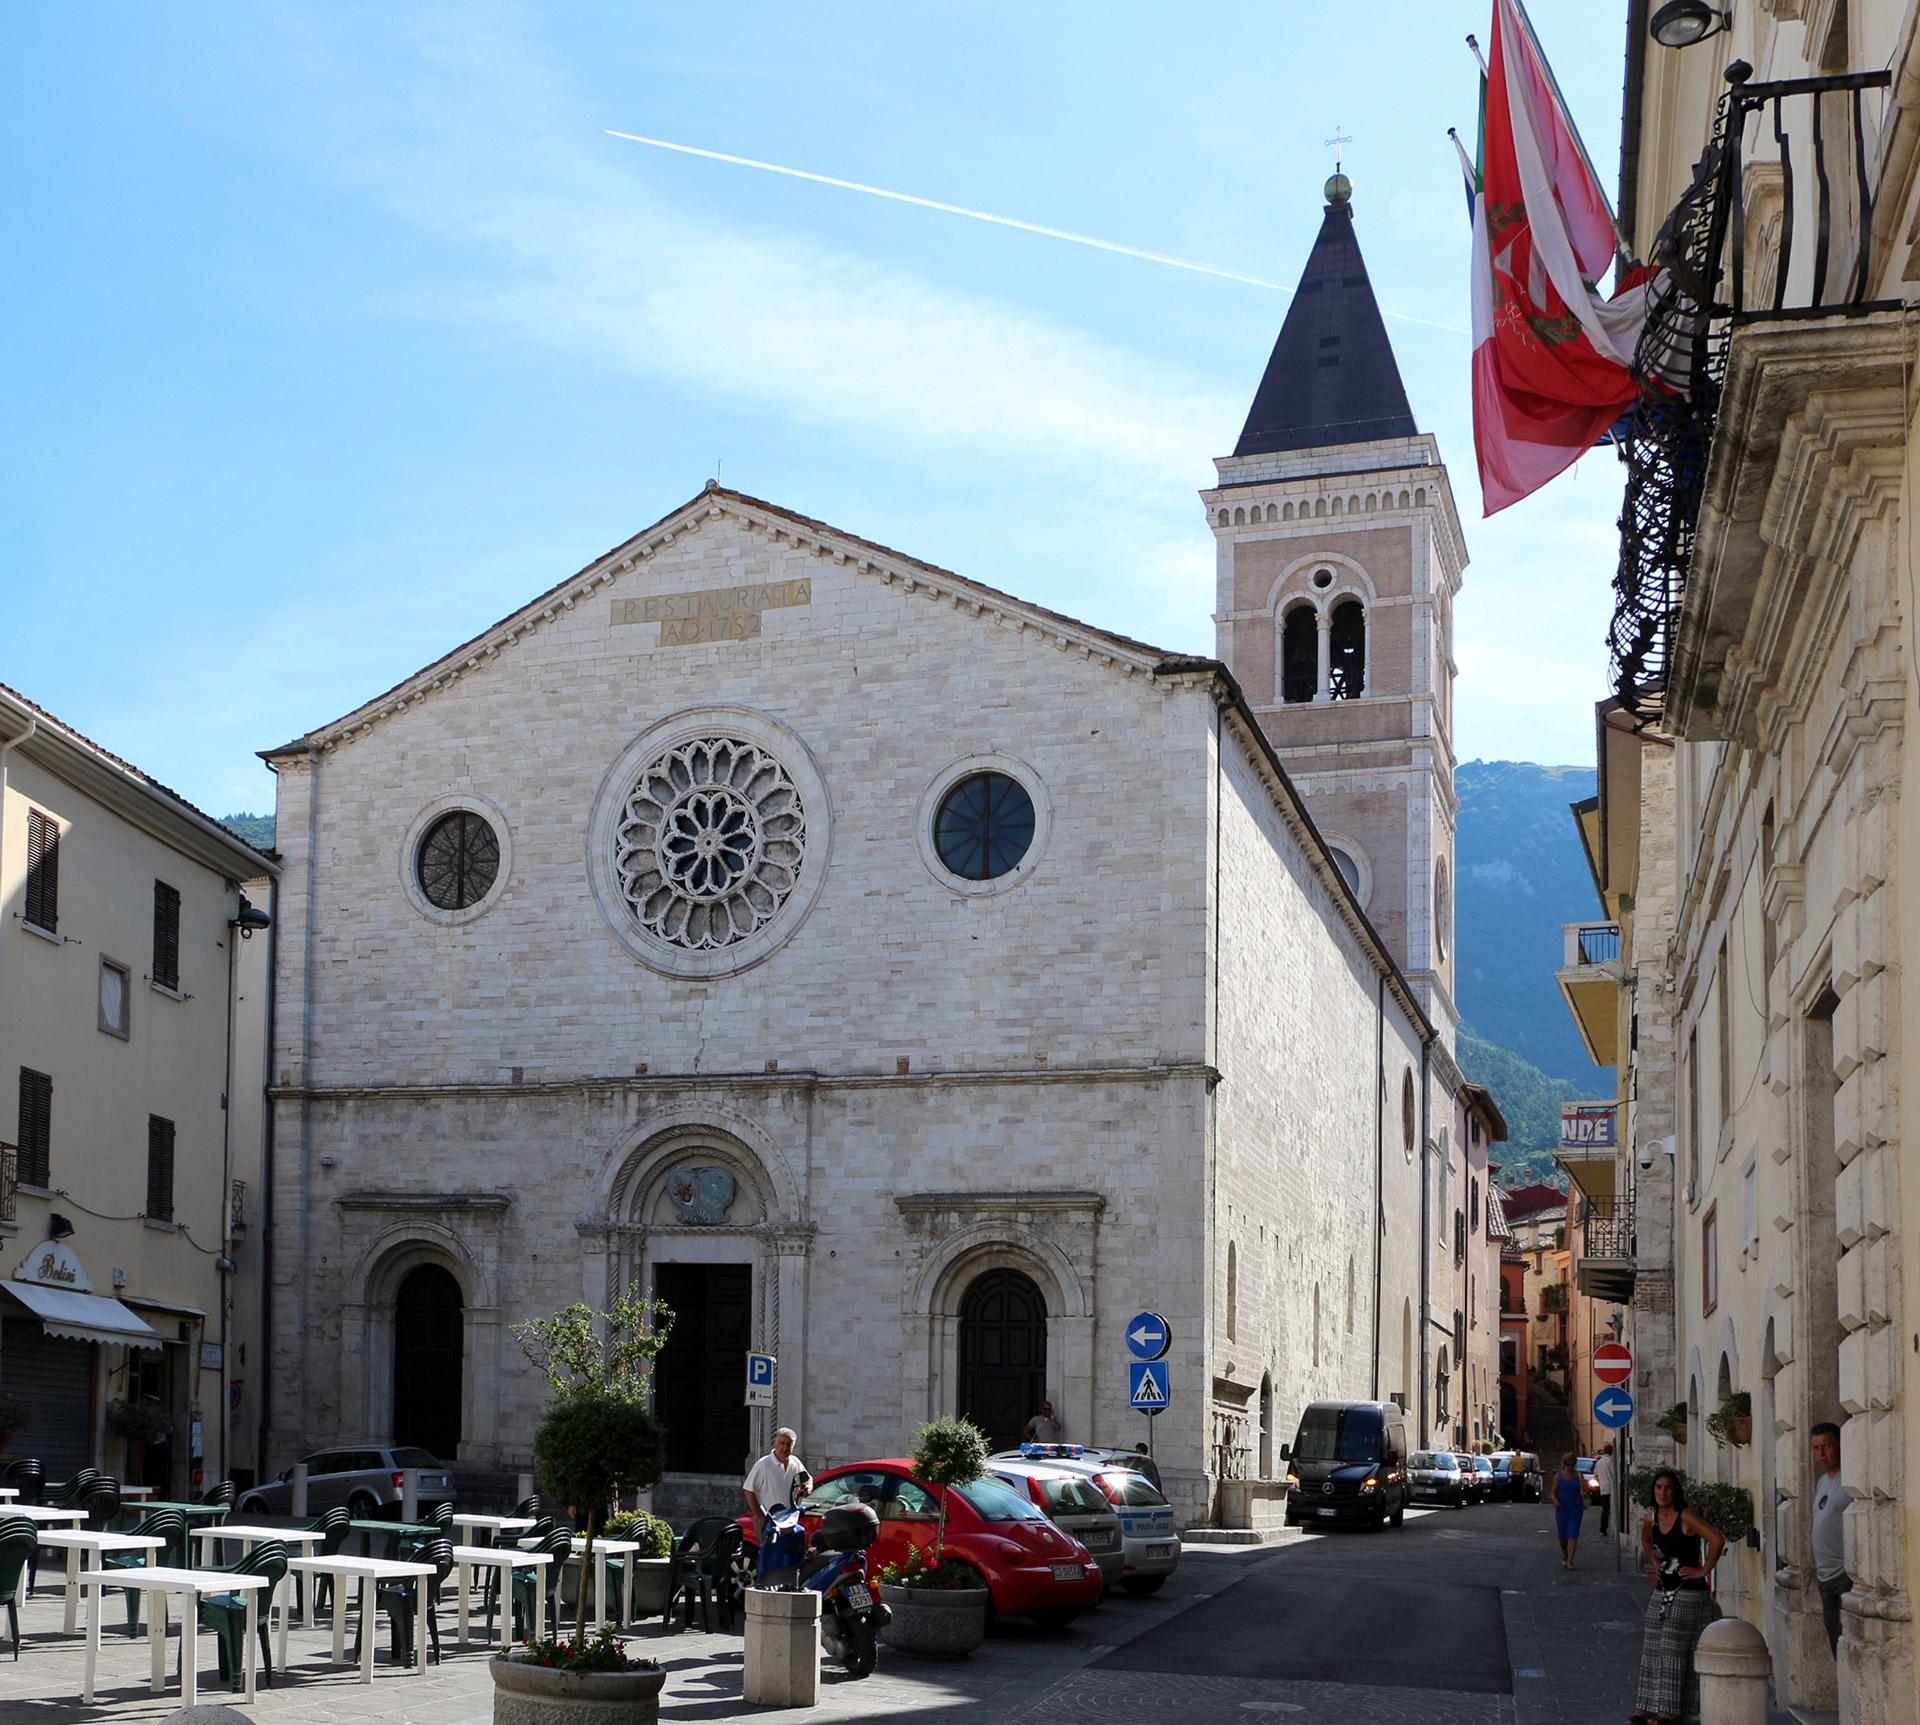 cattedrale-san-benedetto-gualdo-tadino